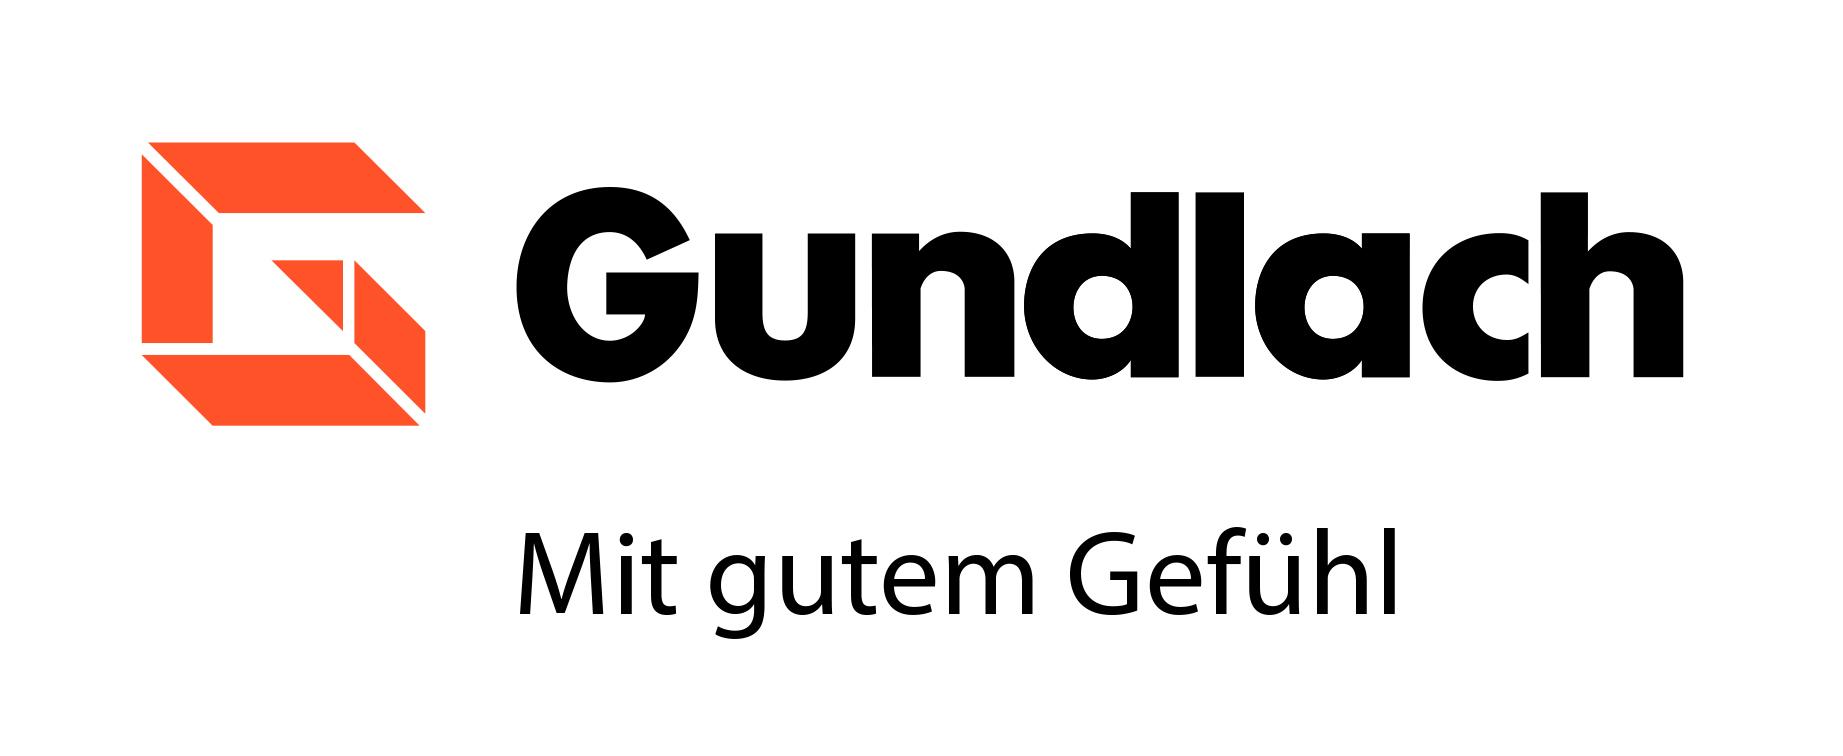 Smartlogy Sicherheitstechnik GmbH aus Hannover Referenz - Gundlach